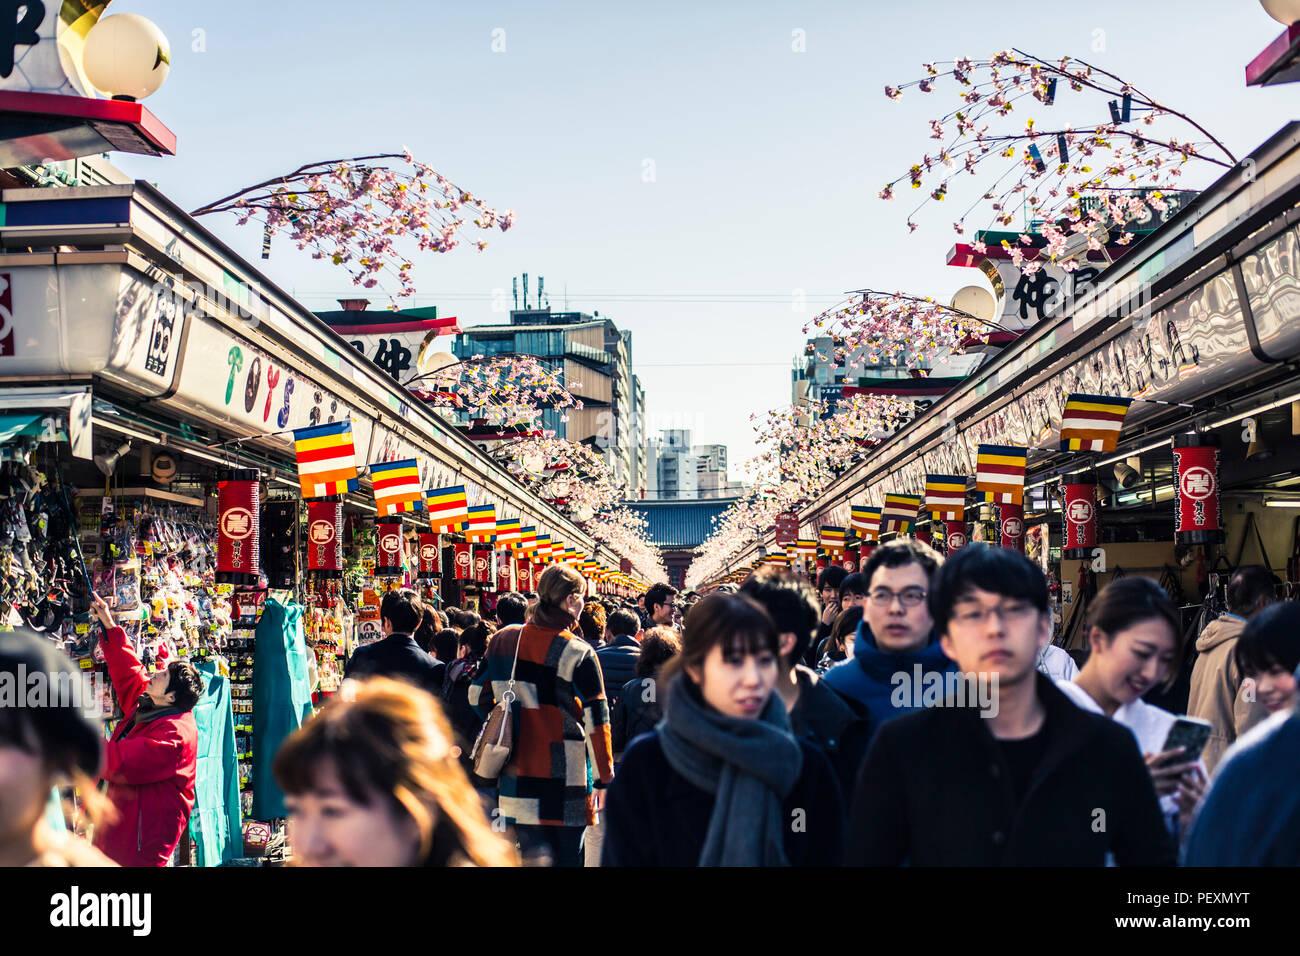 Strada del mercato di Asakusa nei pressi di Senso-ji il santuario in Tokyo, Giappone Immagini Stock